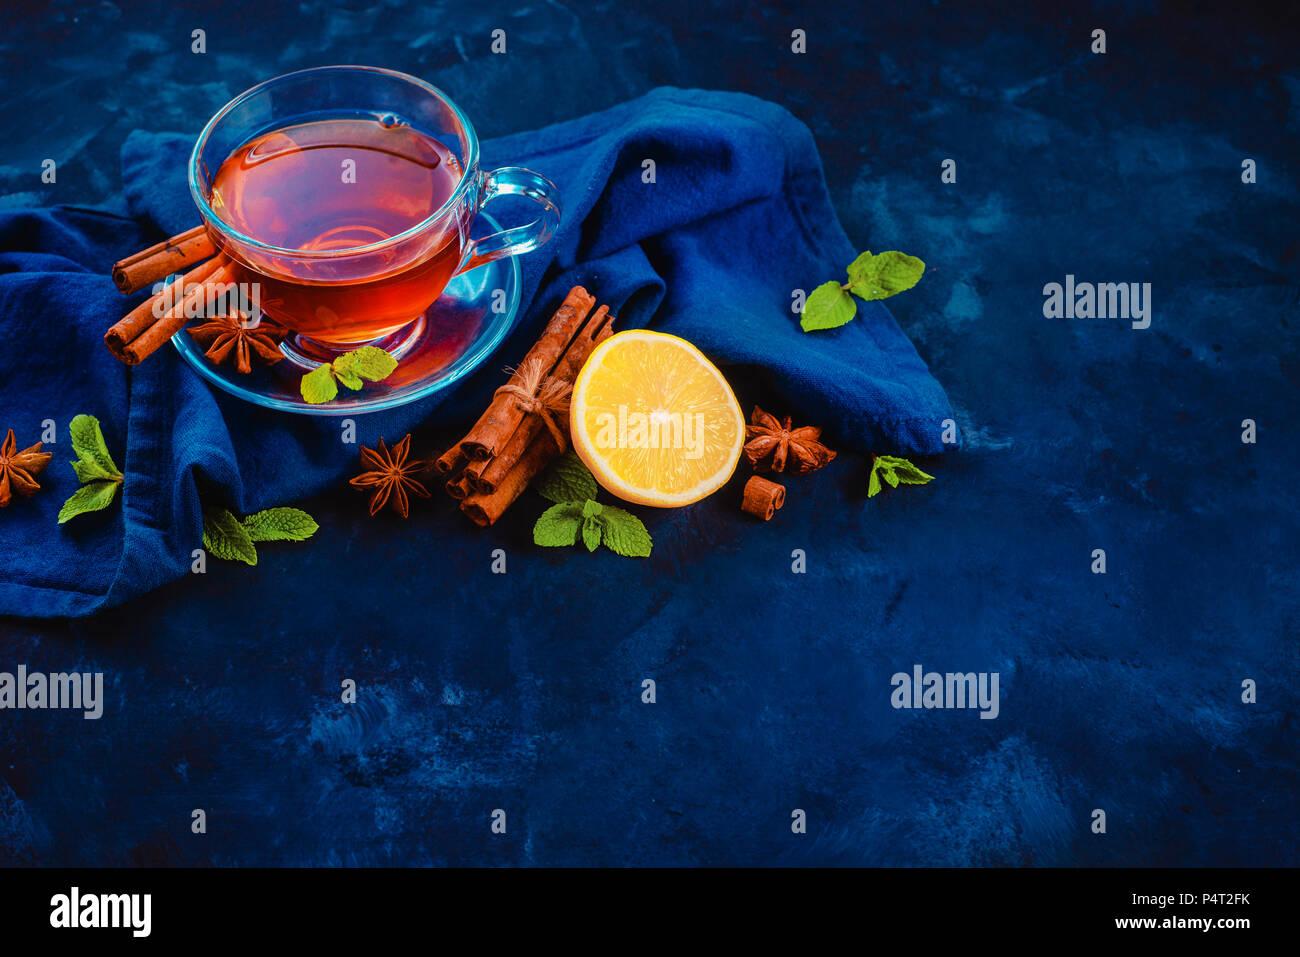 Tè nero vetro tazzina, biancheria igienico, le fette di limone, cannella, anice stelle e foglie di menta su uno sfondo scuro. Dark cibo fotografia testata con copia Immagini Stock